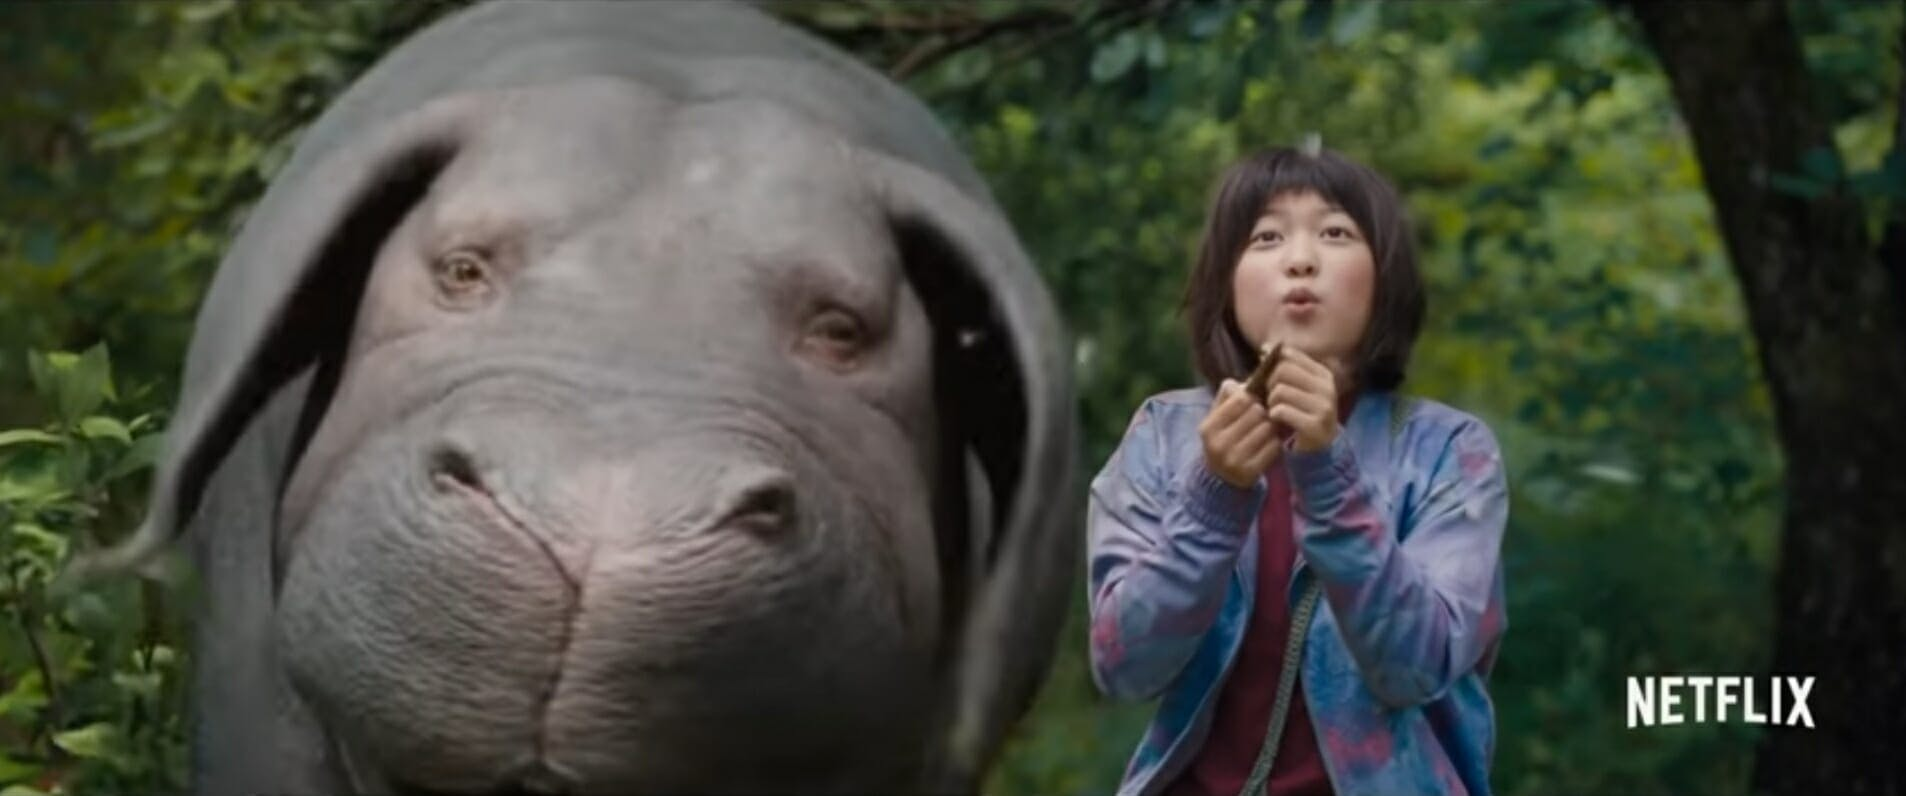 weird movies netflix : Okja